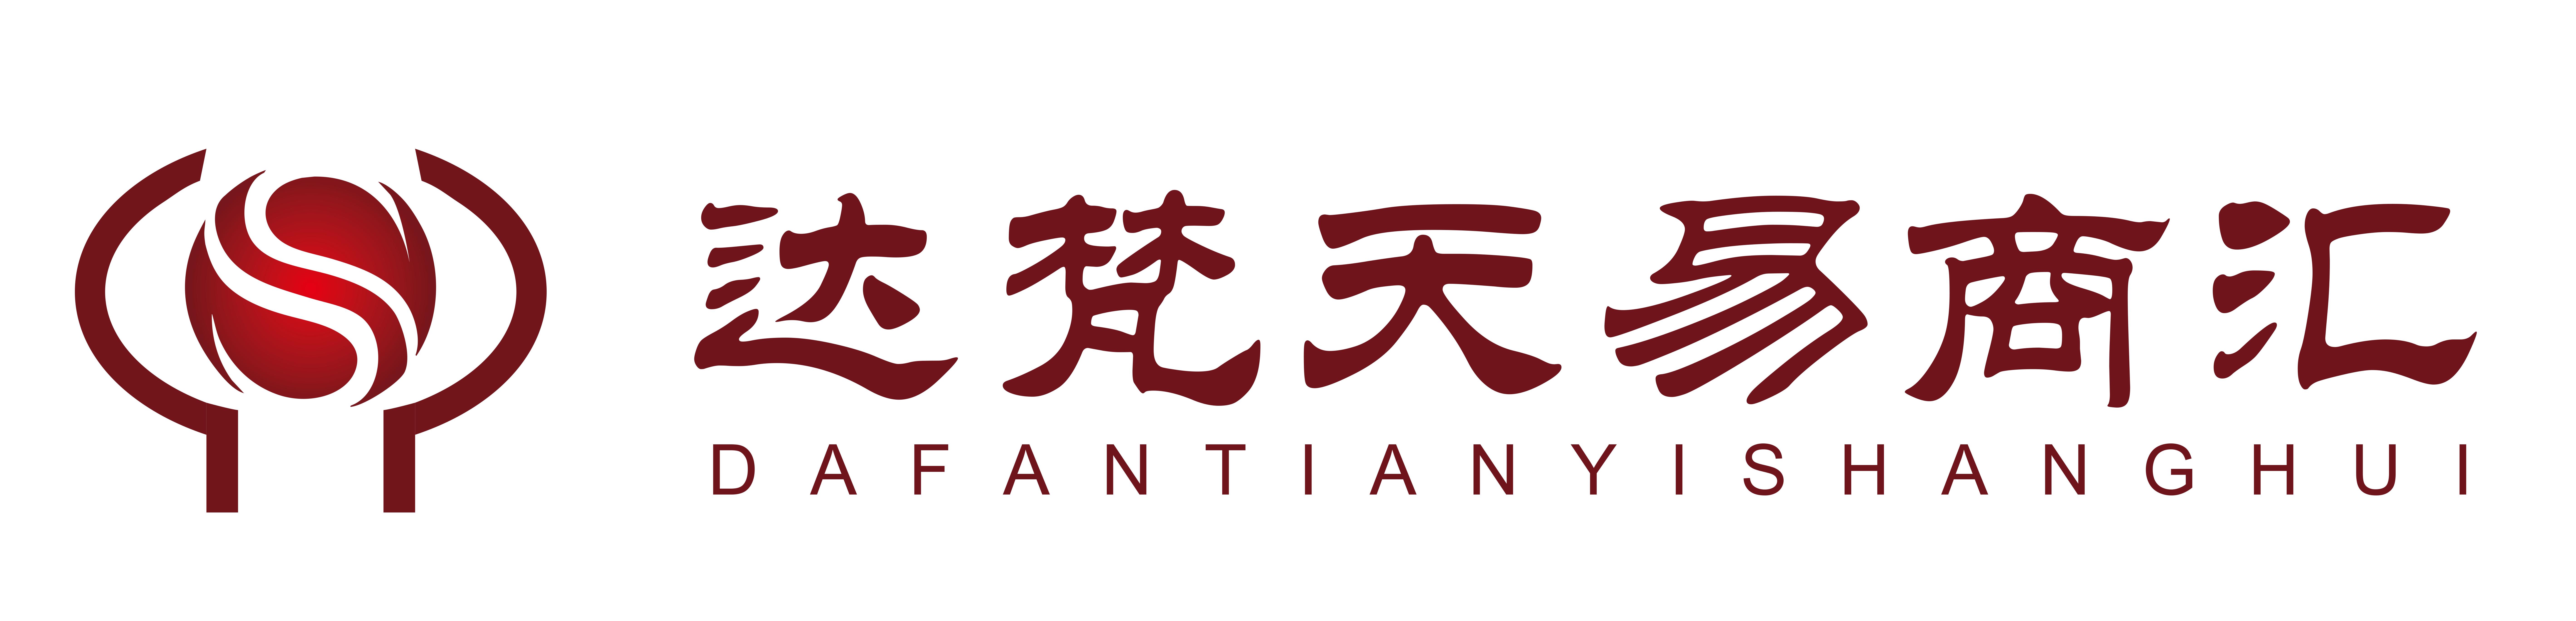 易商(shang)匯風水(shui)培(pei)訓加yong) width=